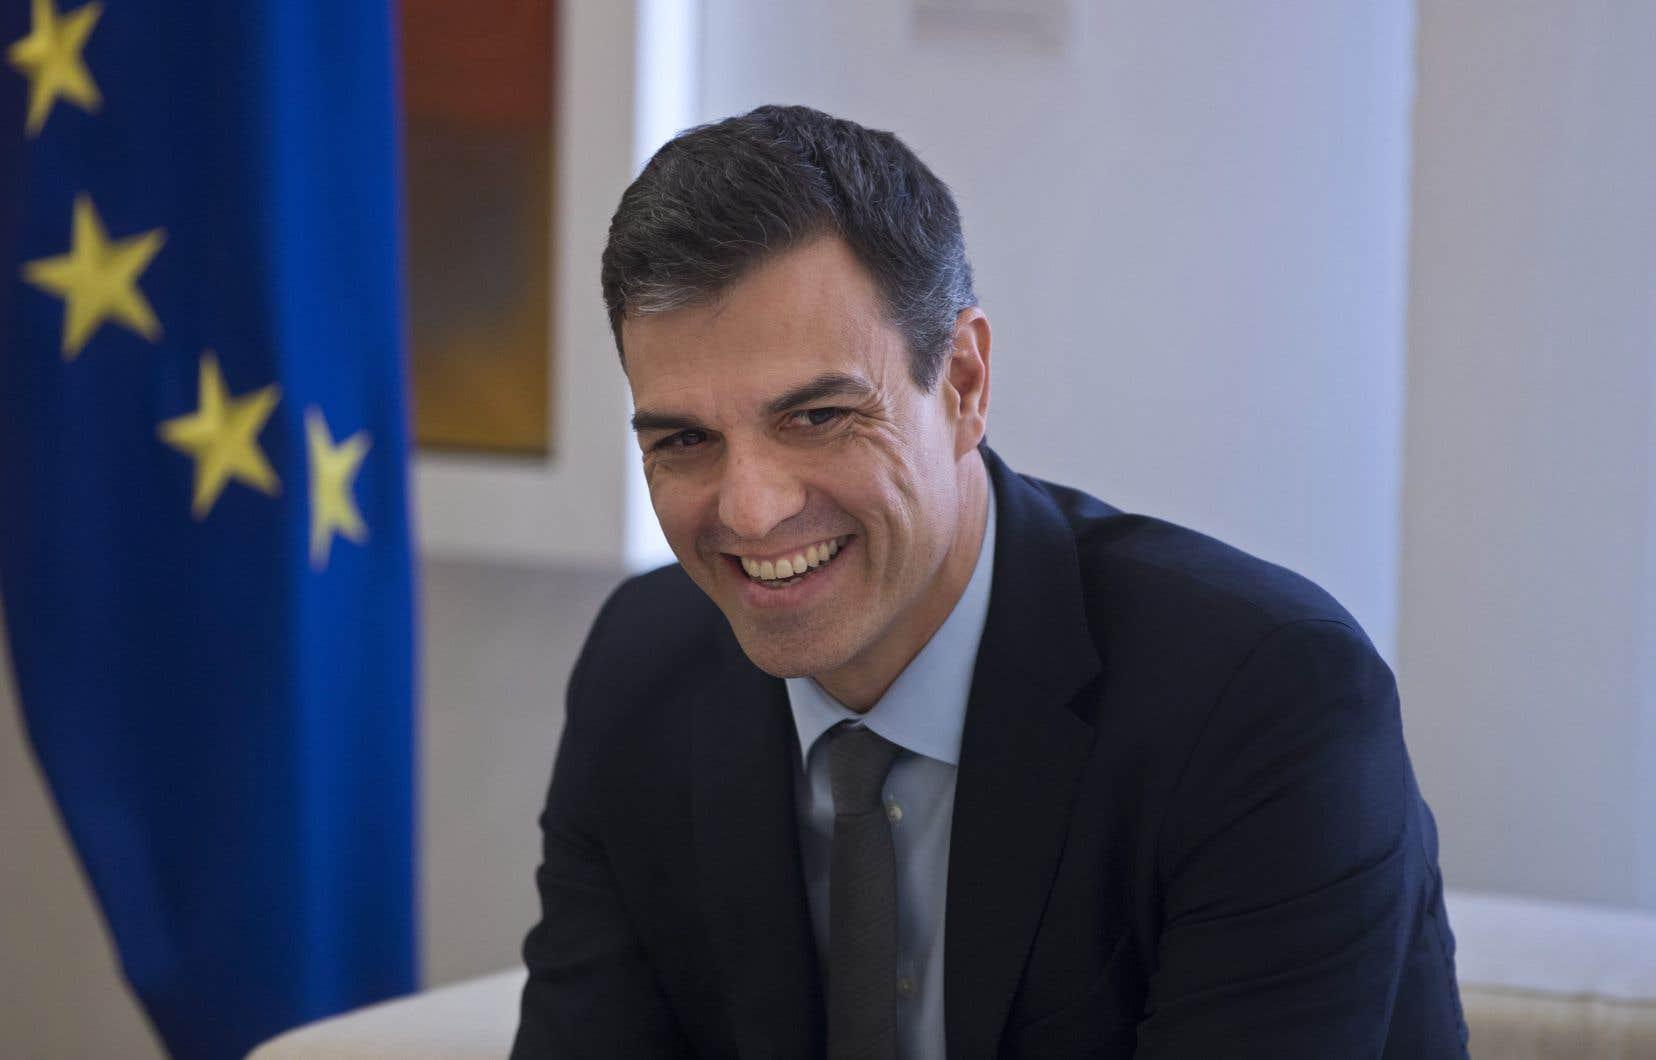 L'arrivée de Pedro Sánchez à la tête du gouvernement espagnol représente une occasion de normaliser les relations avec la Catalogne, mais les options sont limitées, rappelle l'auteur.